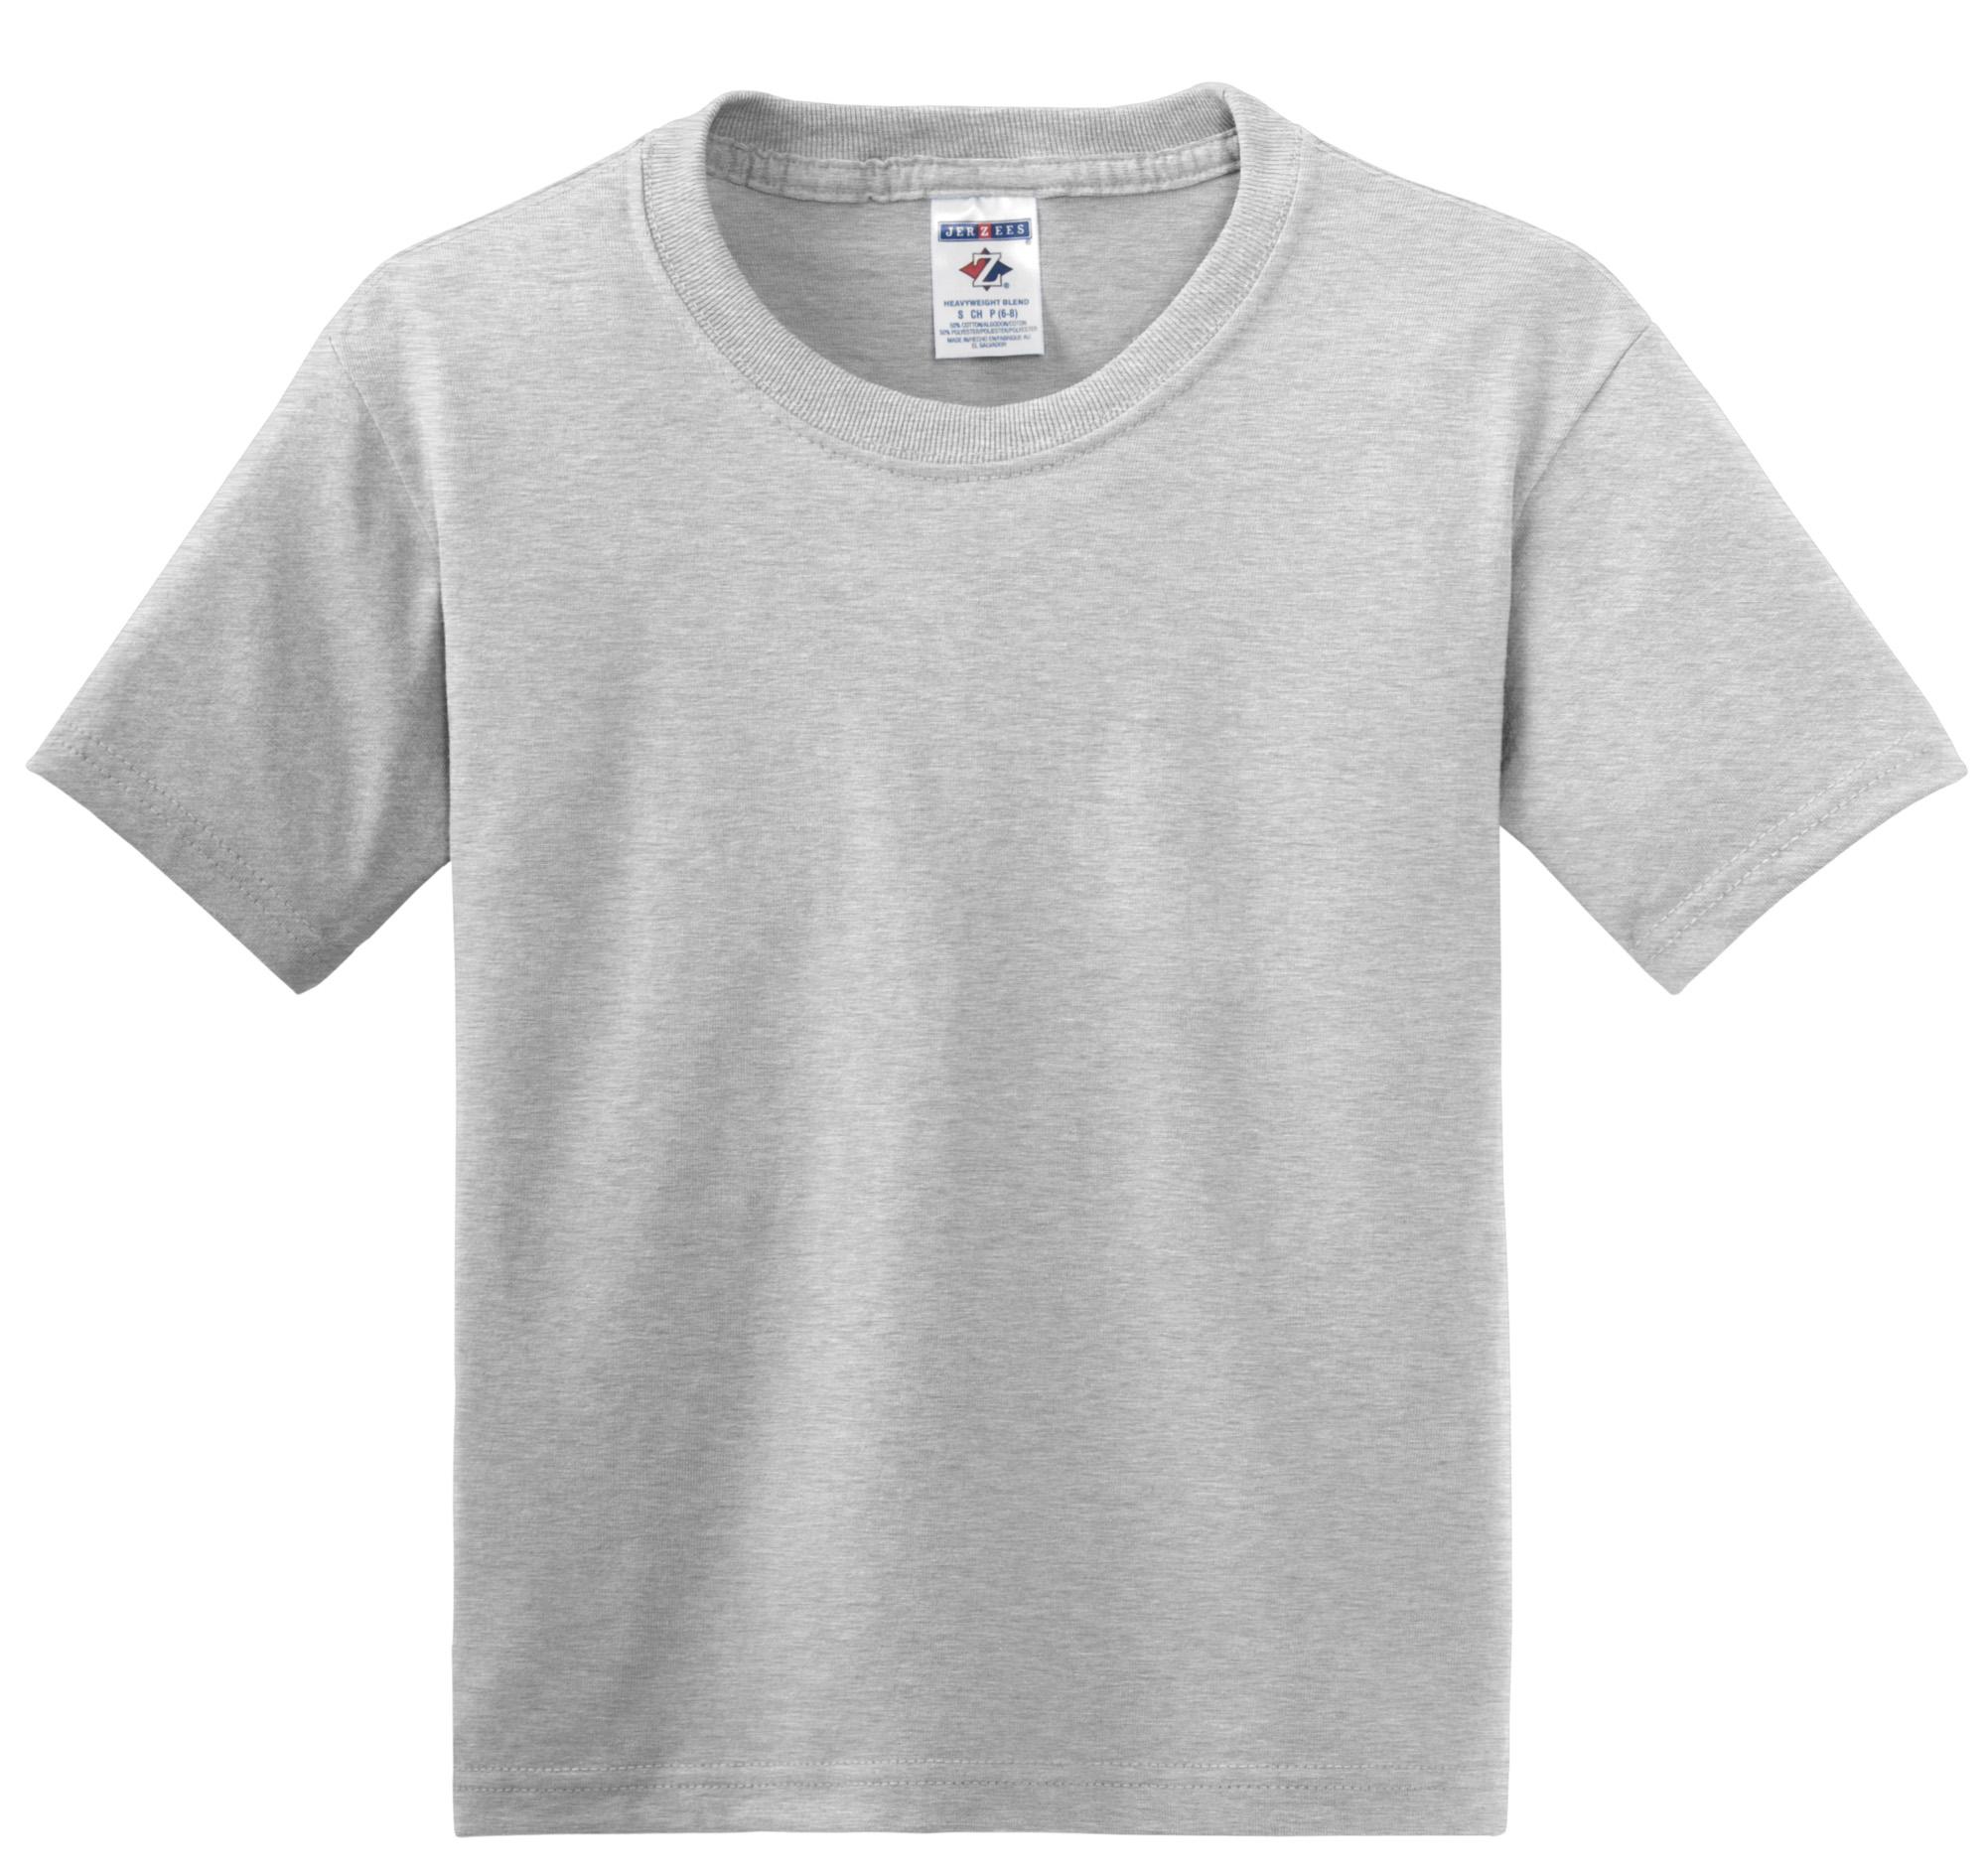 29B Jerzees Heavyweight Blend T-Shirt